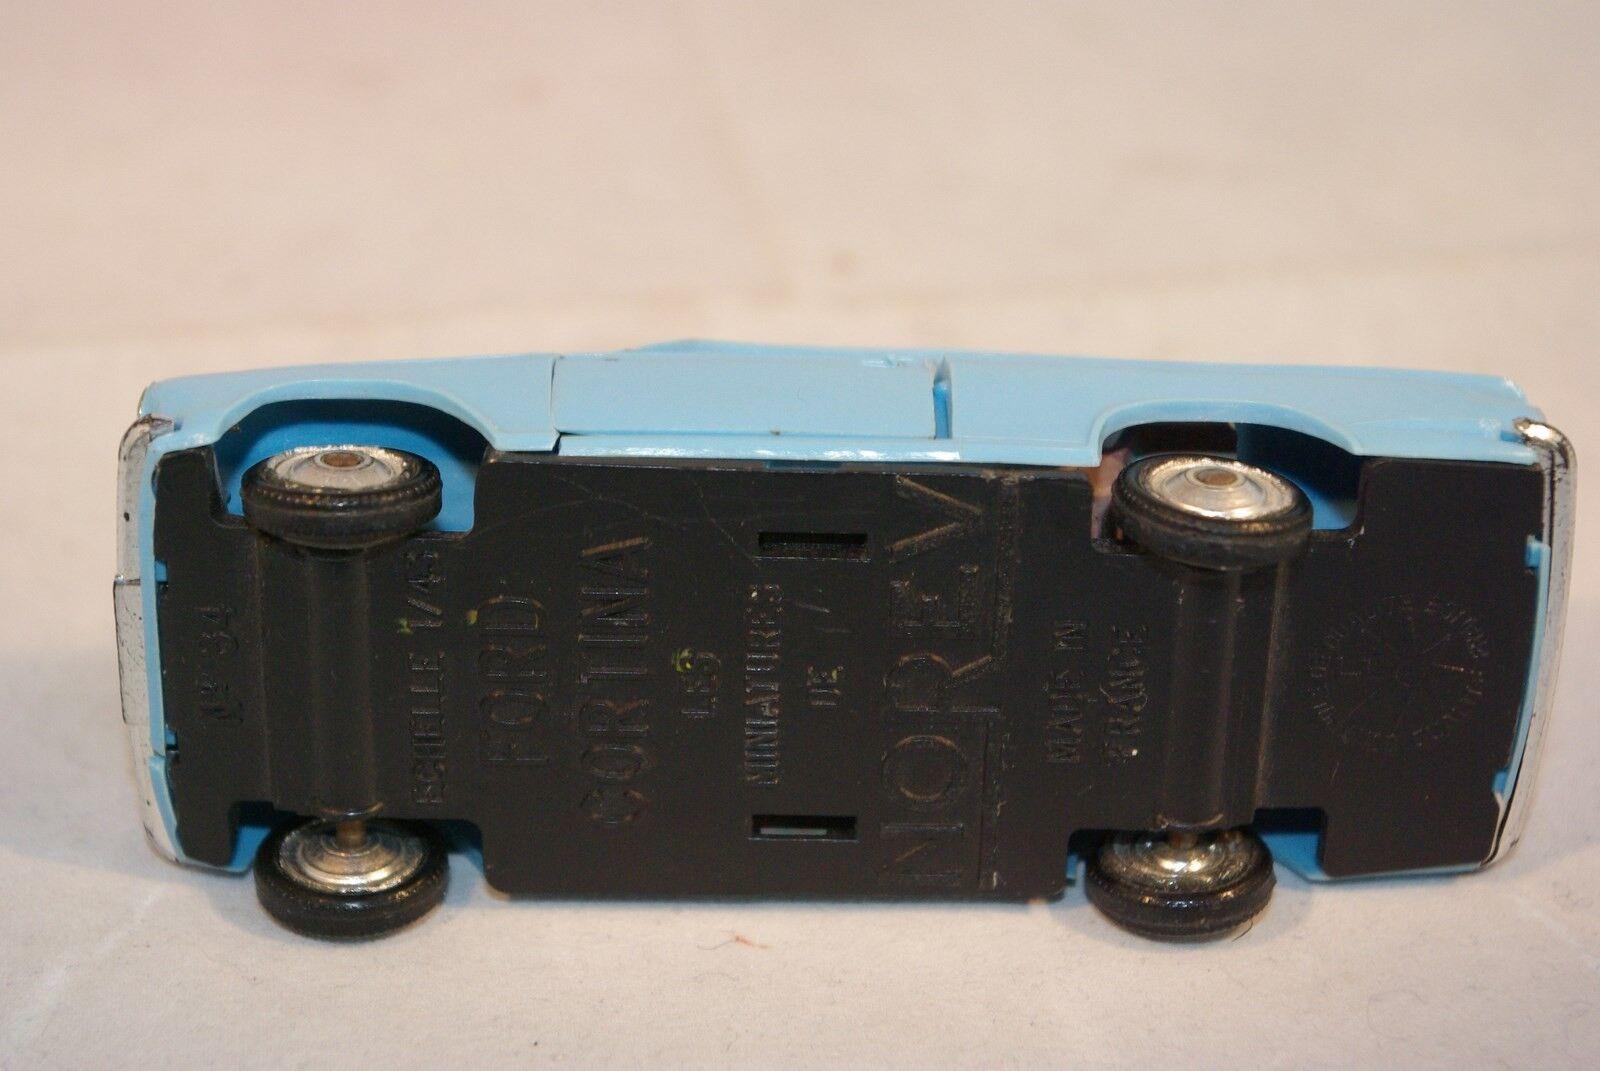 NOREV PLASTIC 84 FORD CORTINA CORTINA CORTINA LIGHT blueE NEAR MINT RARE SELTEN RARO   41a1ad